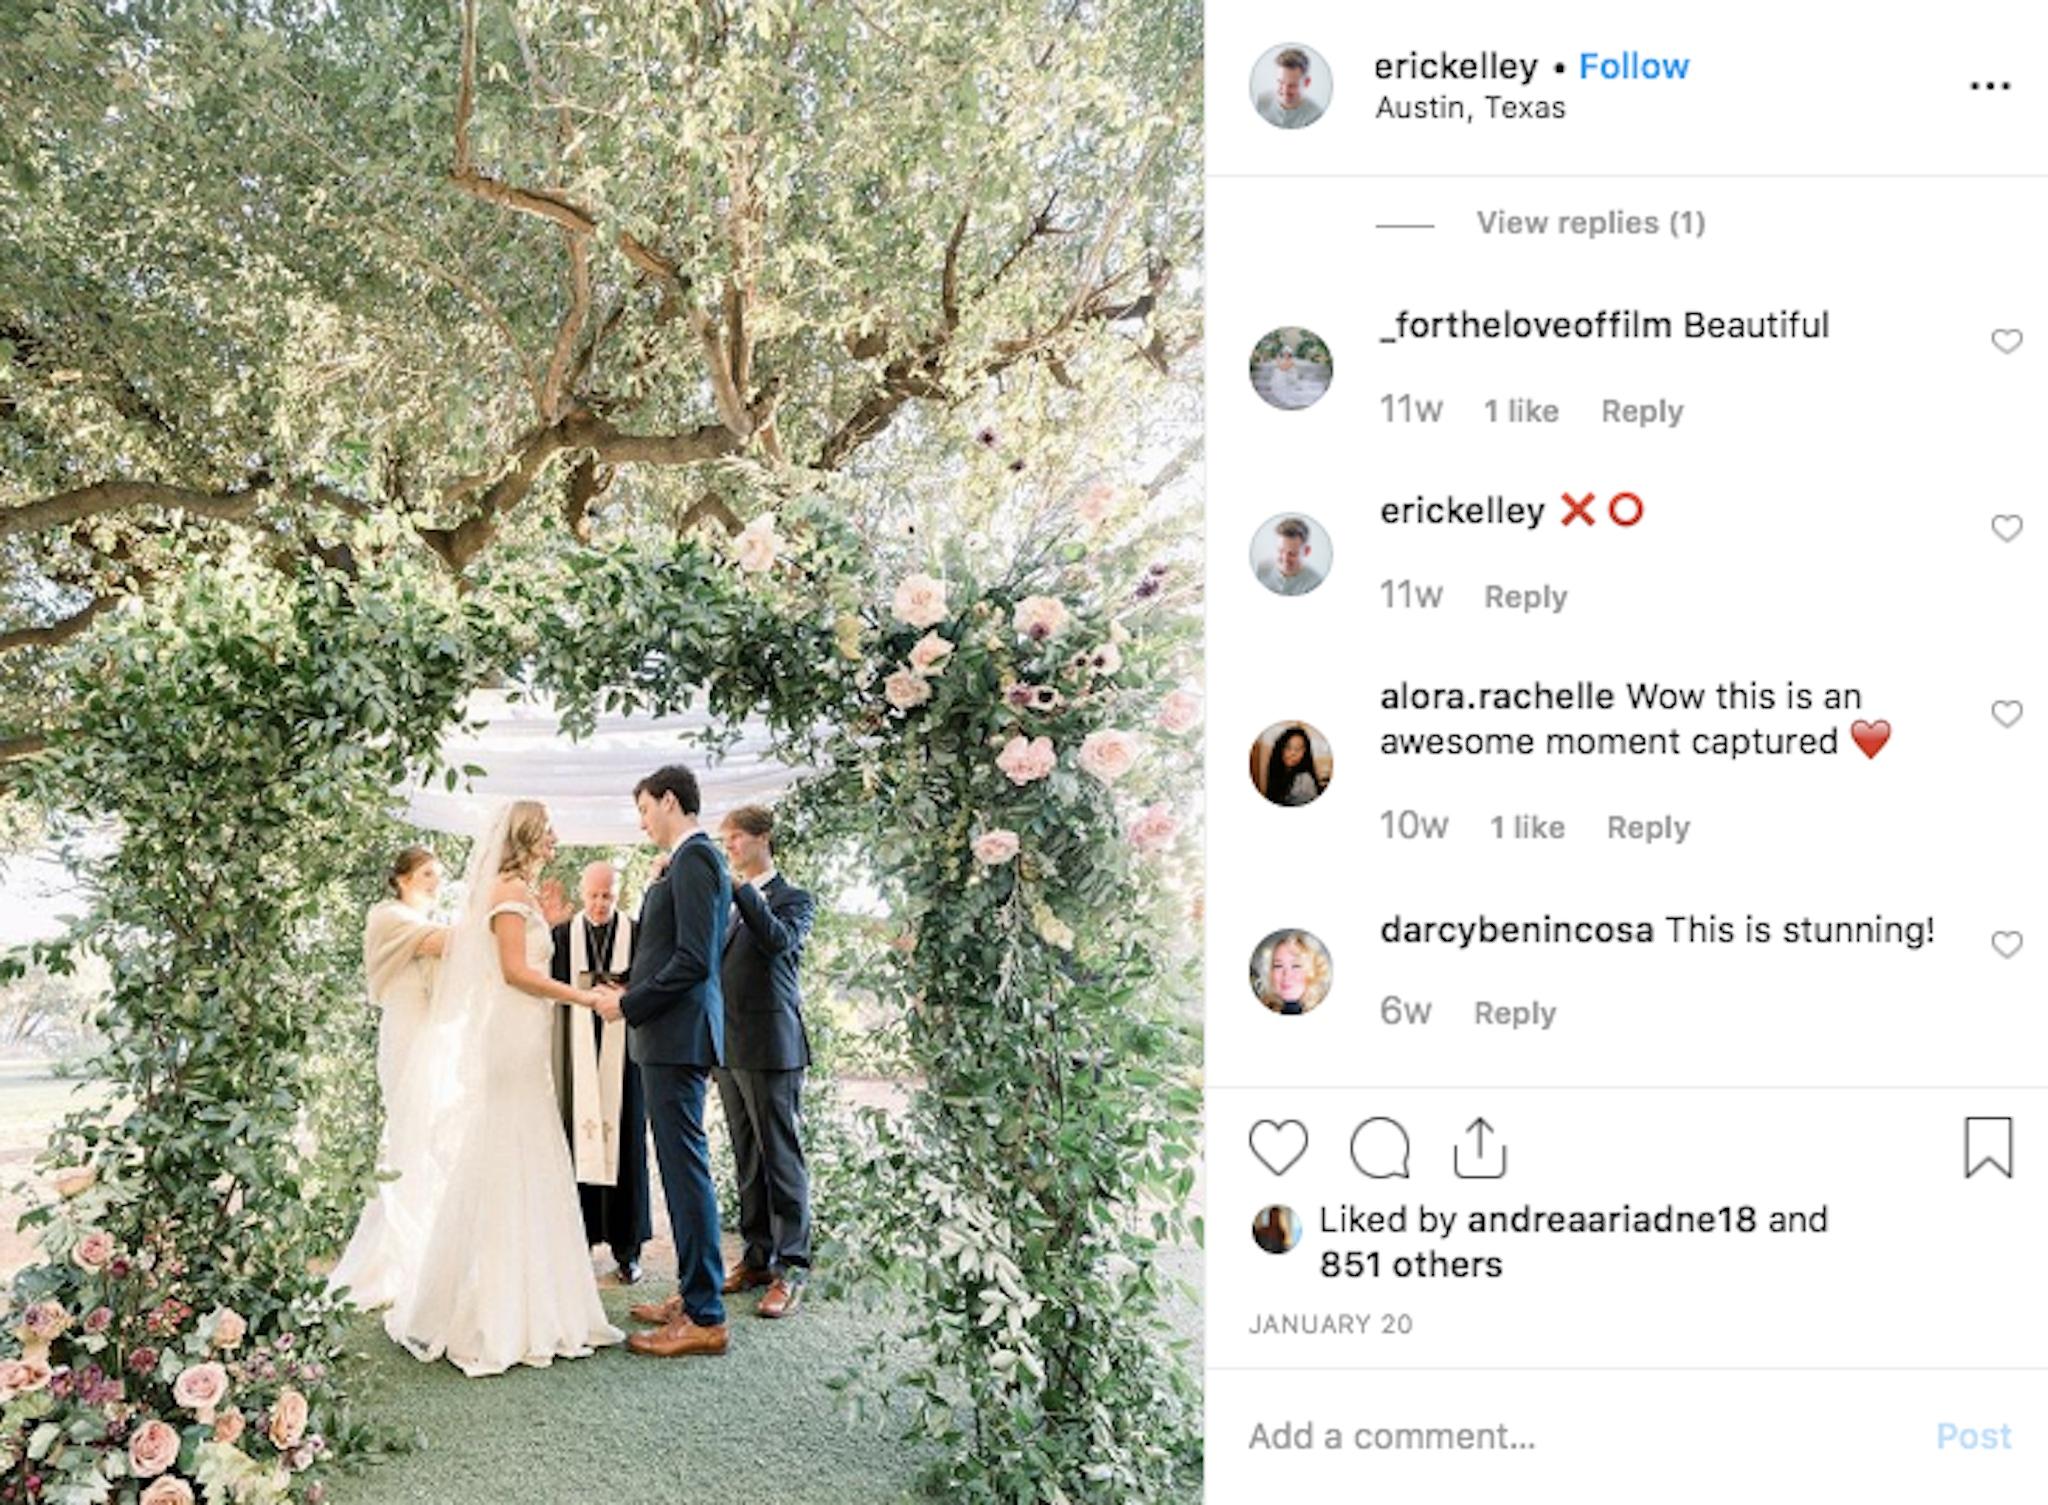 Green chuppah and lush florals wedding nuptials